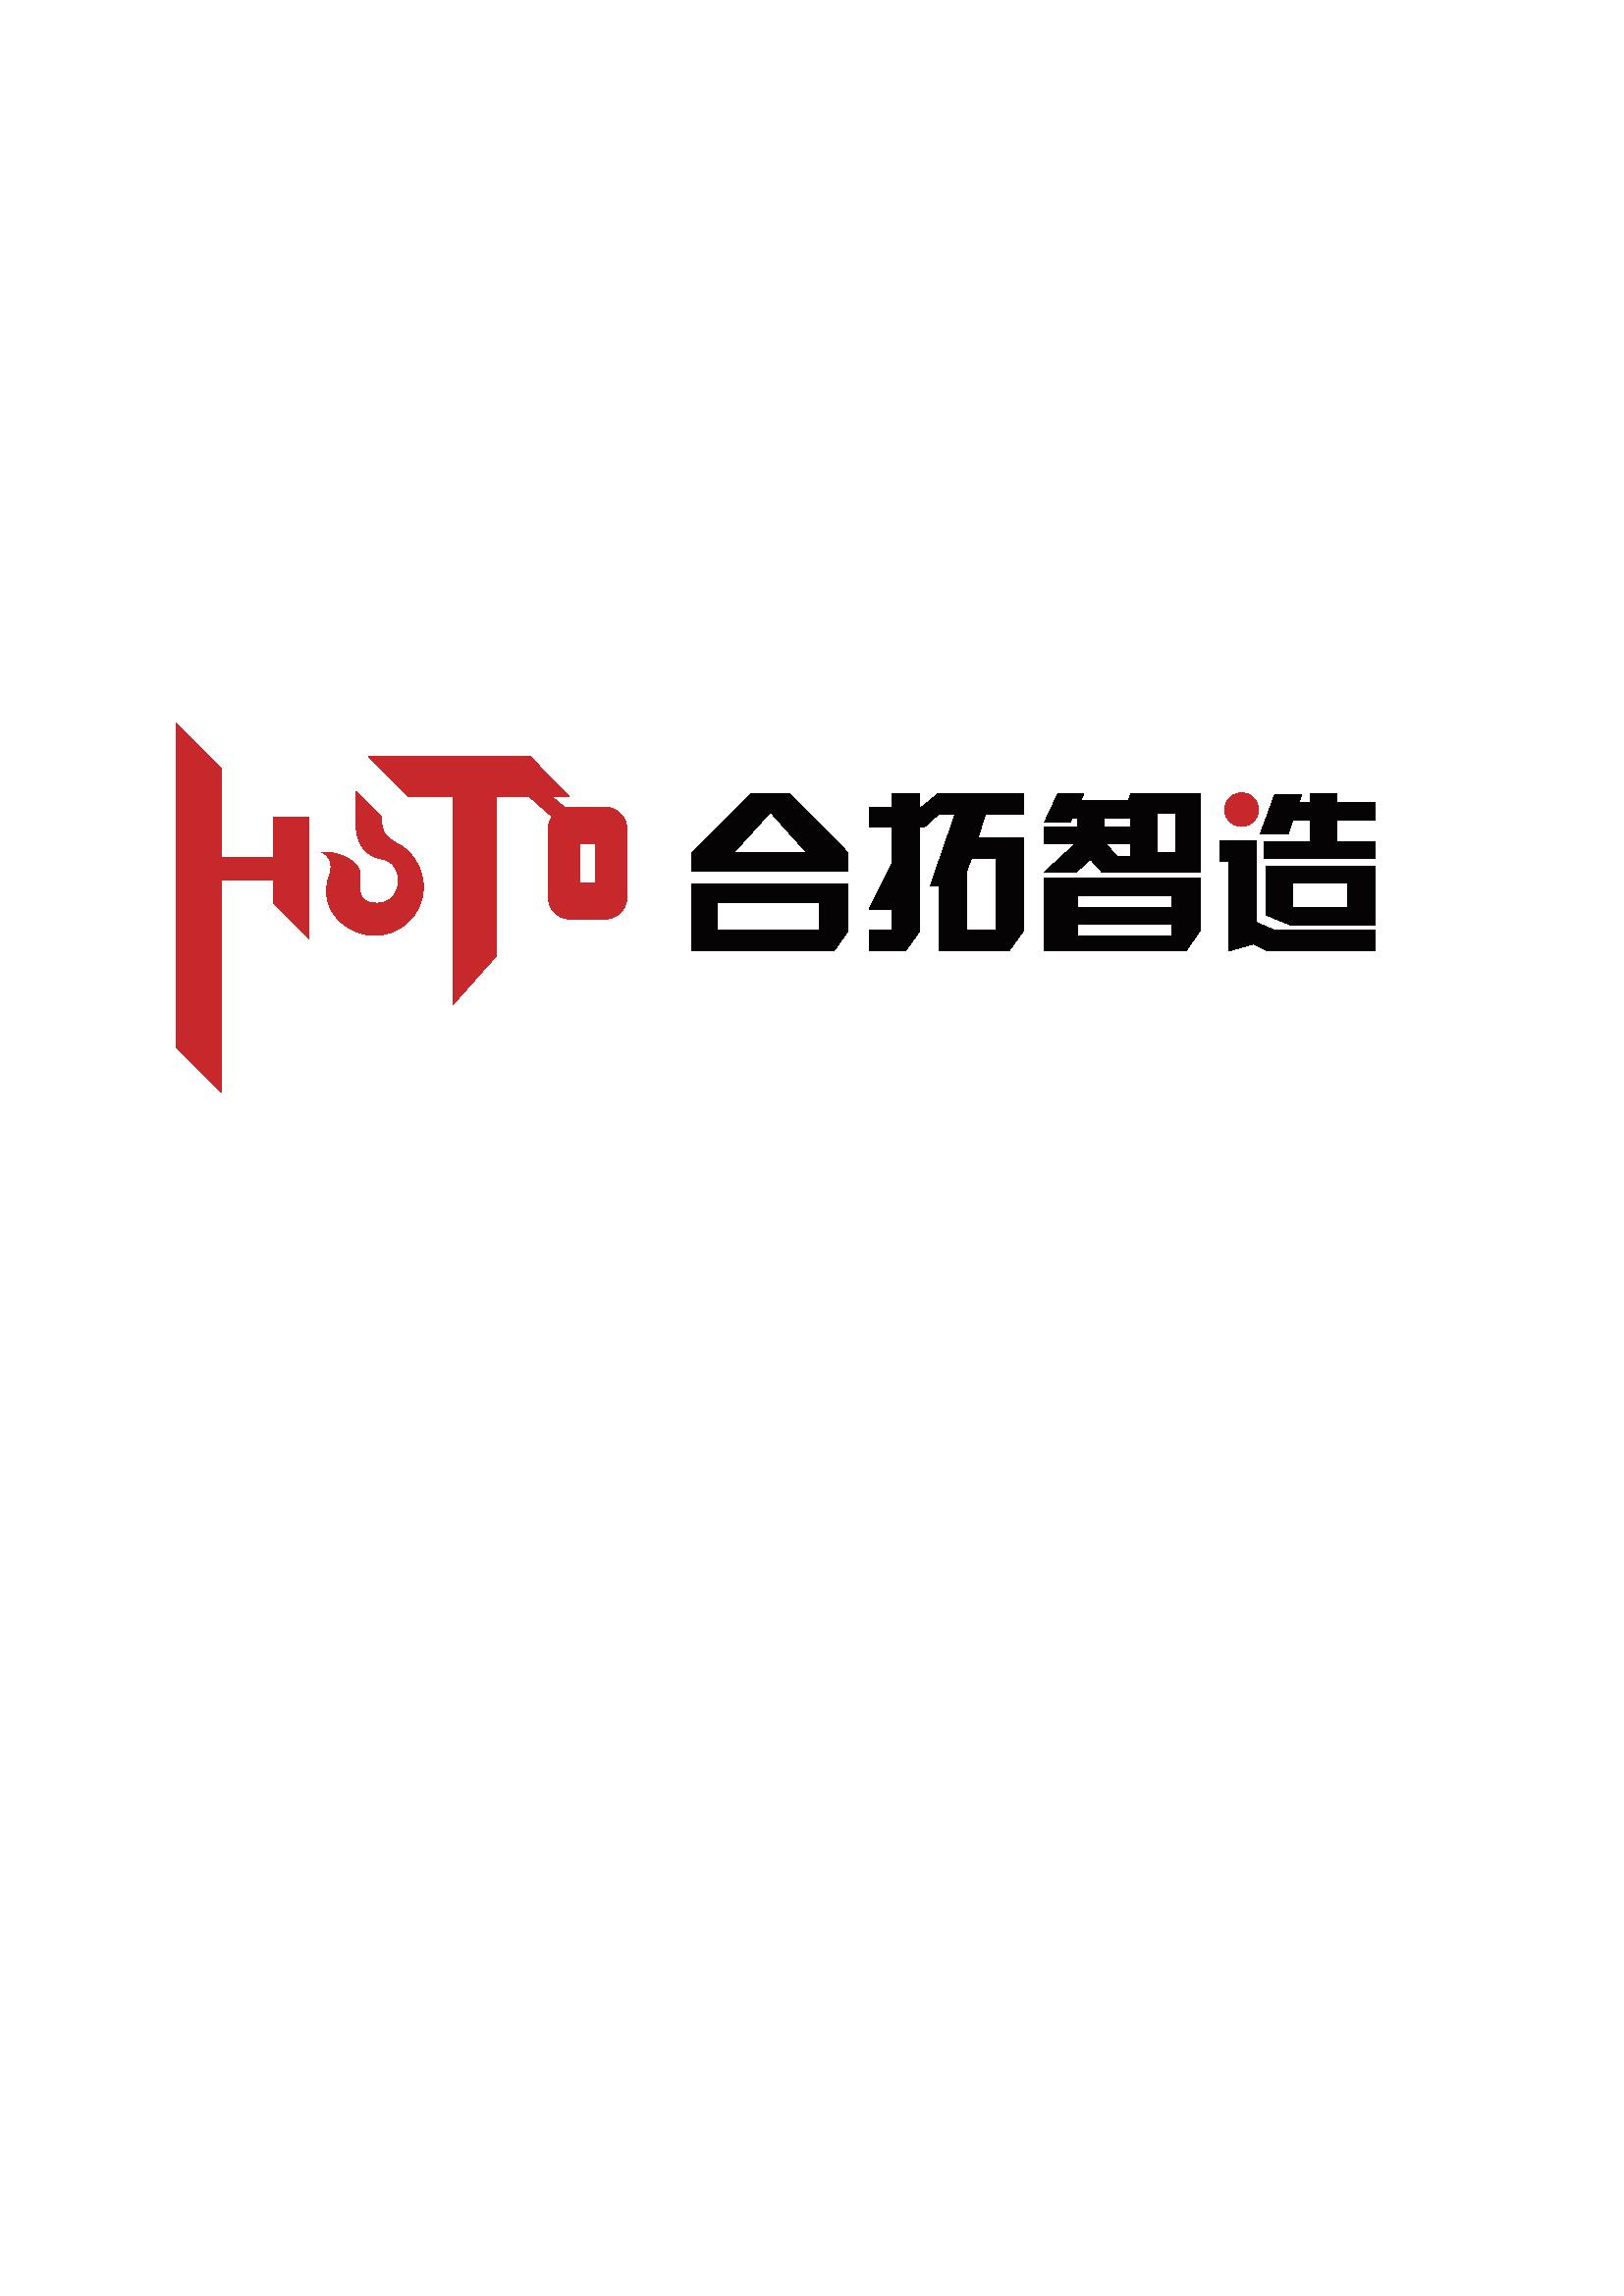 北京合拓起重設備有限公司